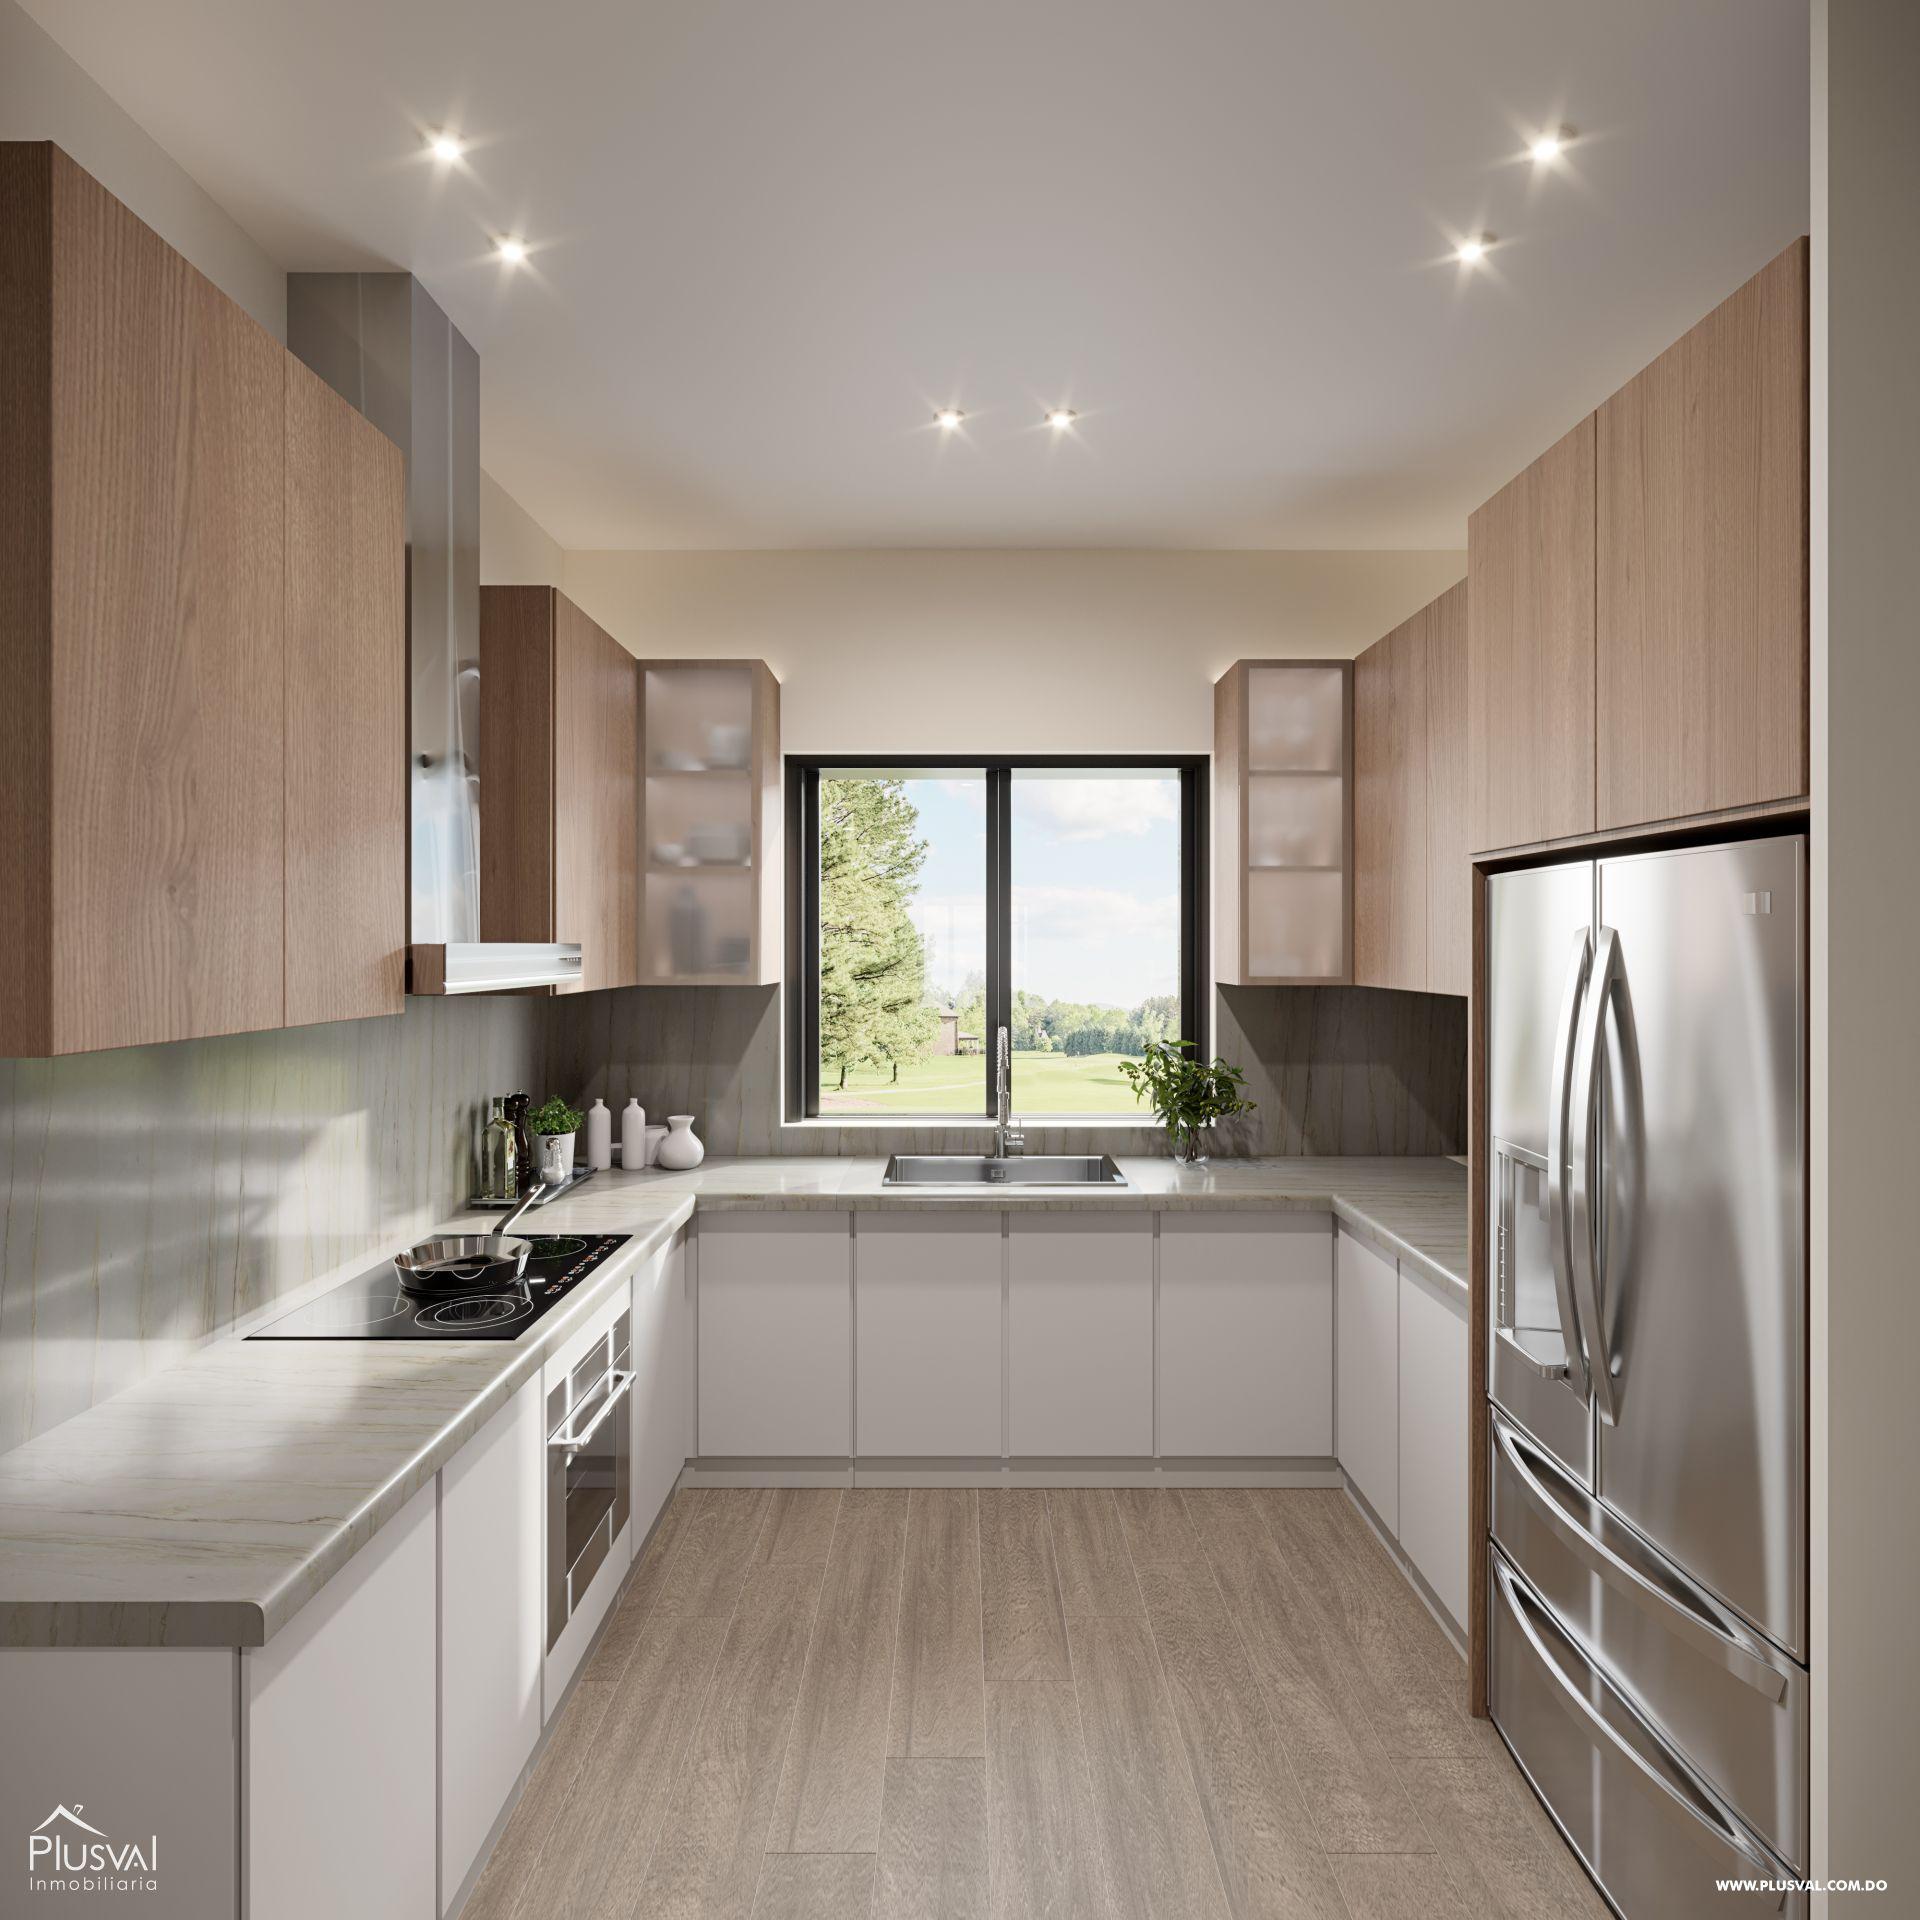 Apartamentos en Venta, en exclusiva comunidad en Cana Bay 190039